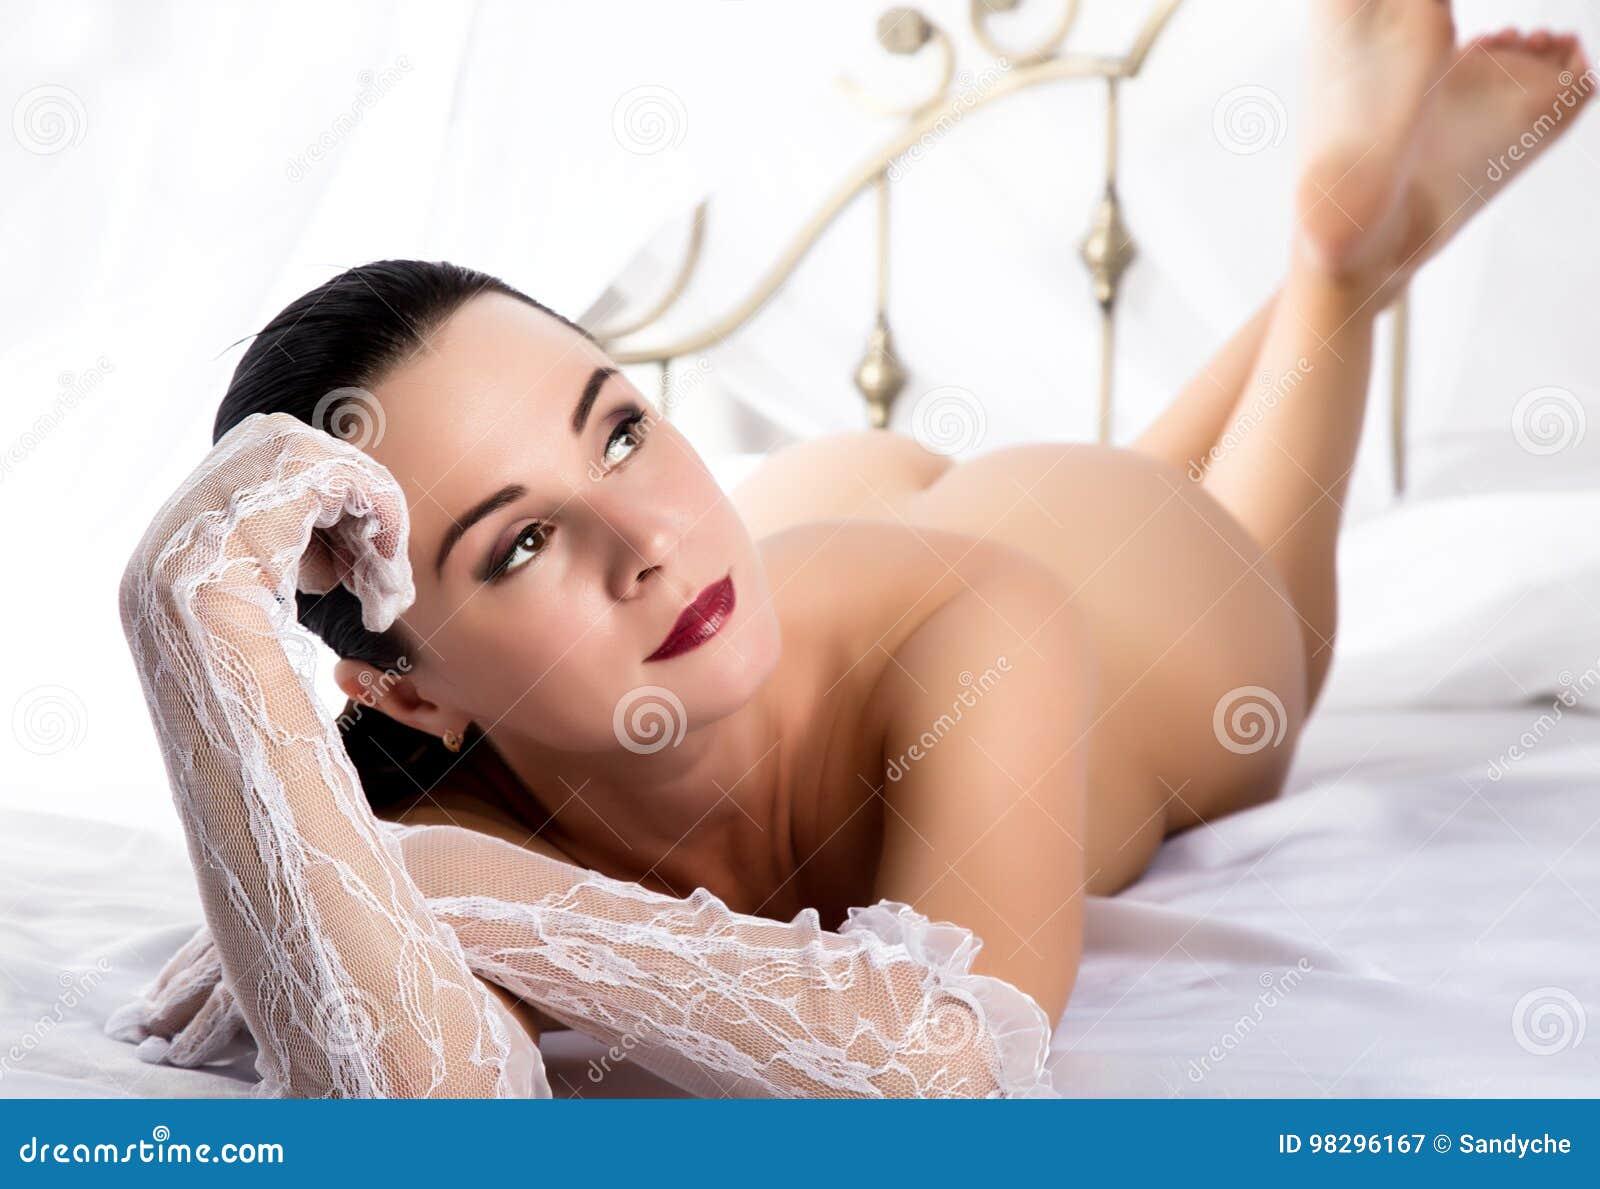 Обнаженные девушки в спальне и на свежем воздухе